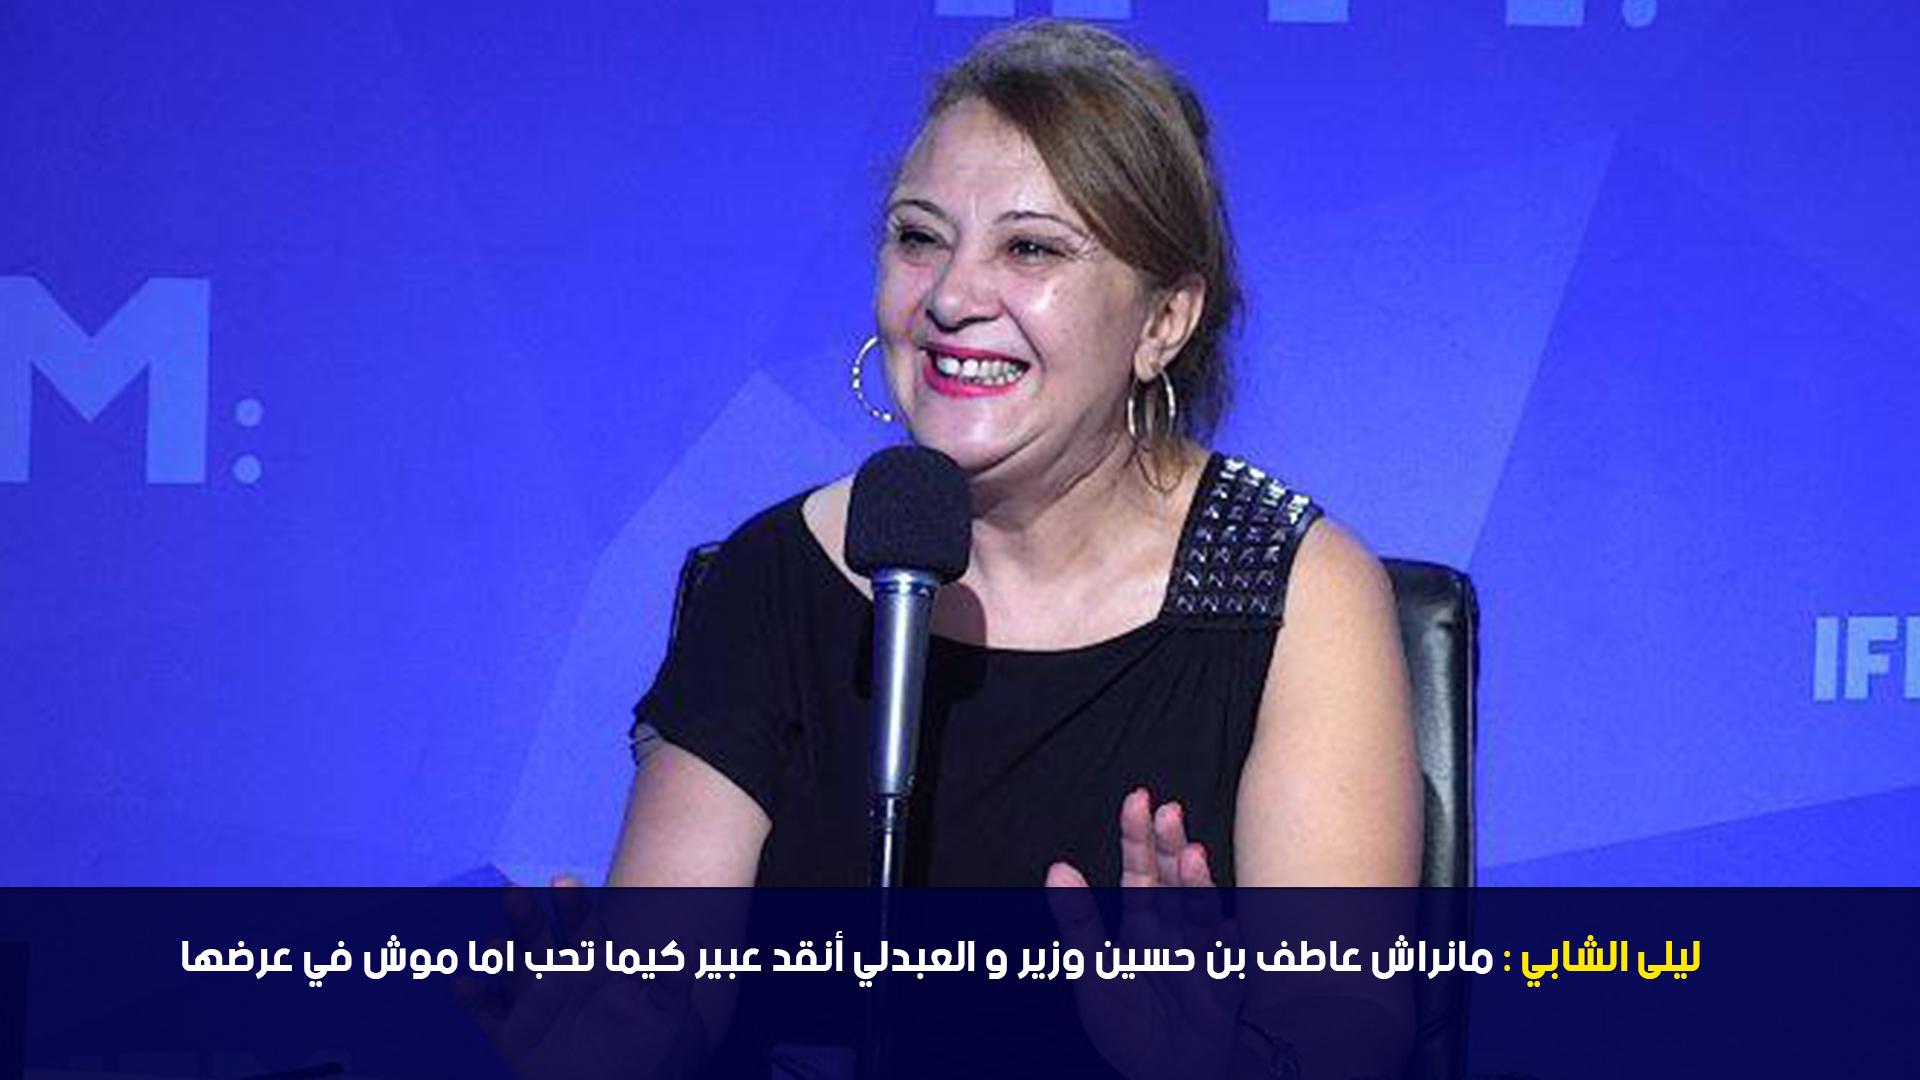 ليلى الشابي : مانراش عاطف بن حسين وزير و العبدلي أنقد عبير كيما تحب اما موش في عرضها